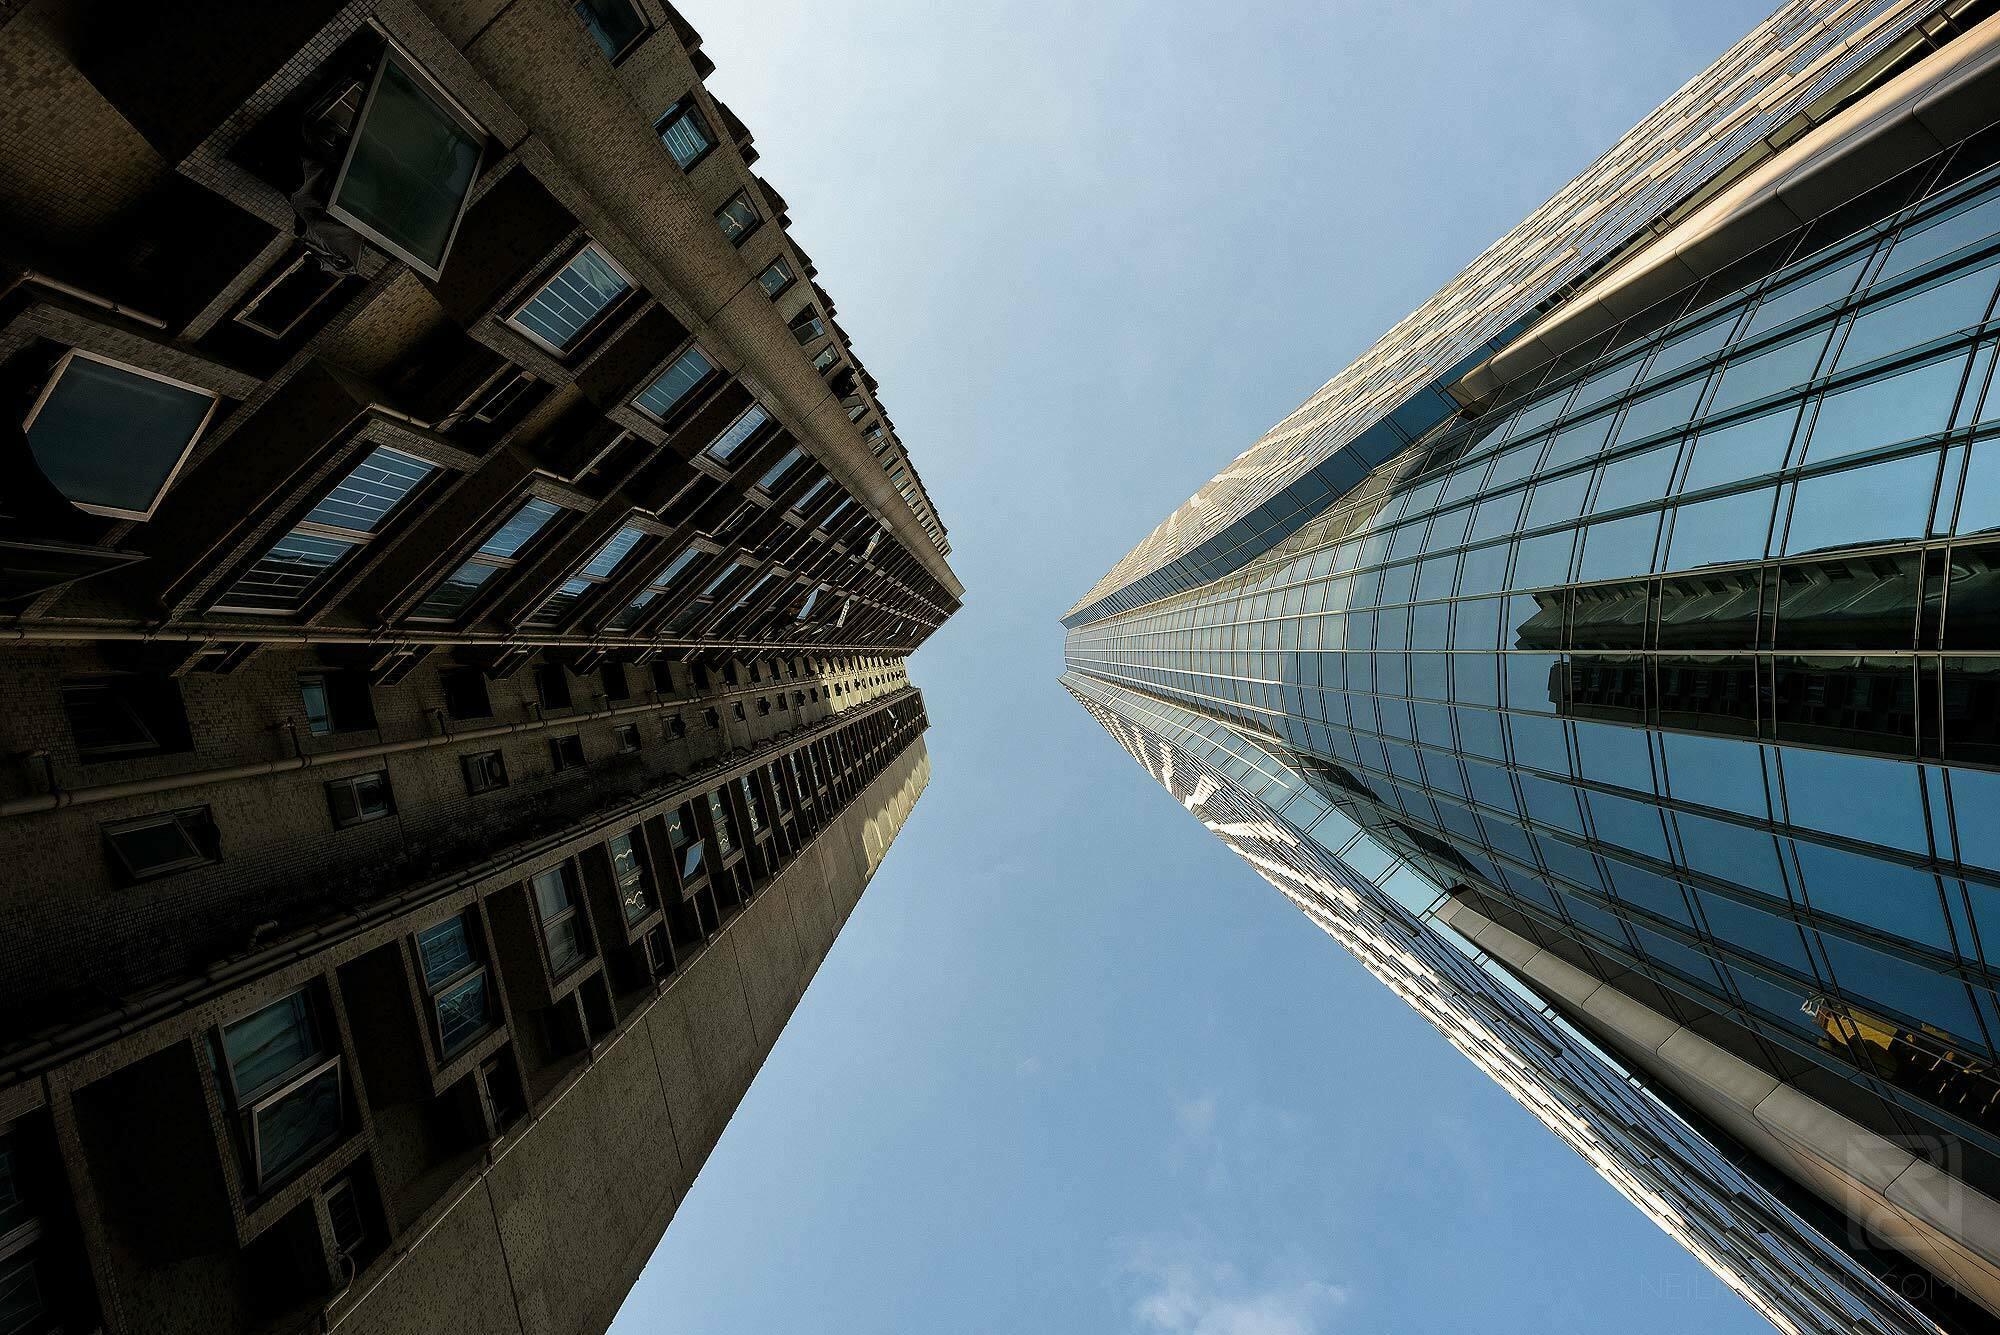 Looking up at Hong Kong tall buildings